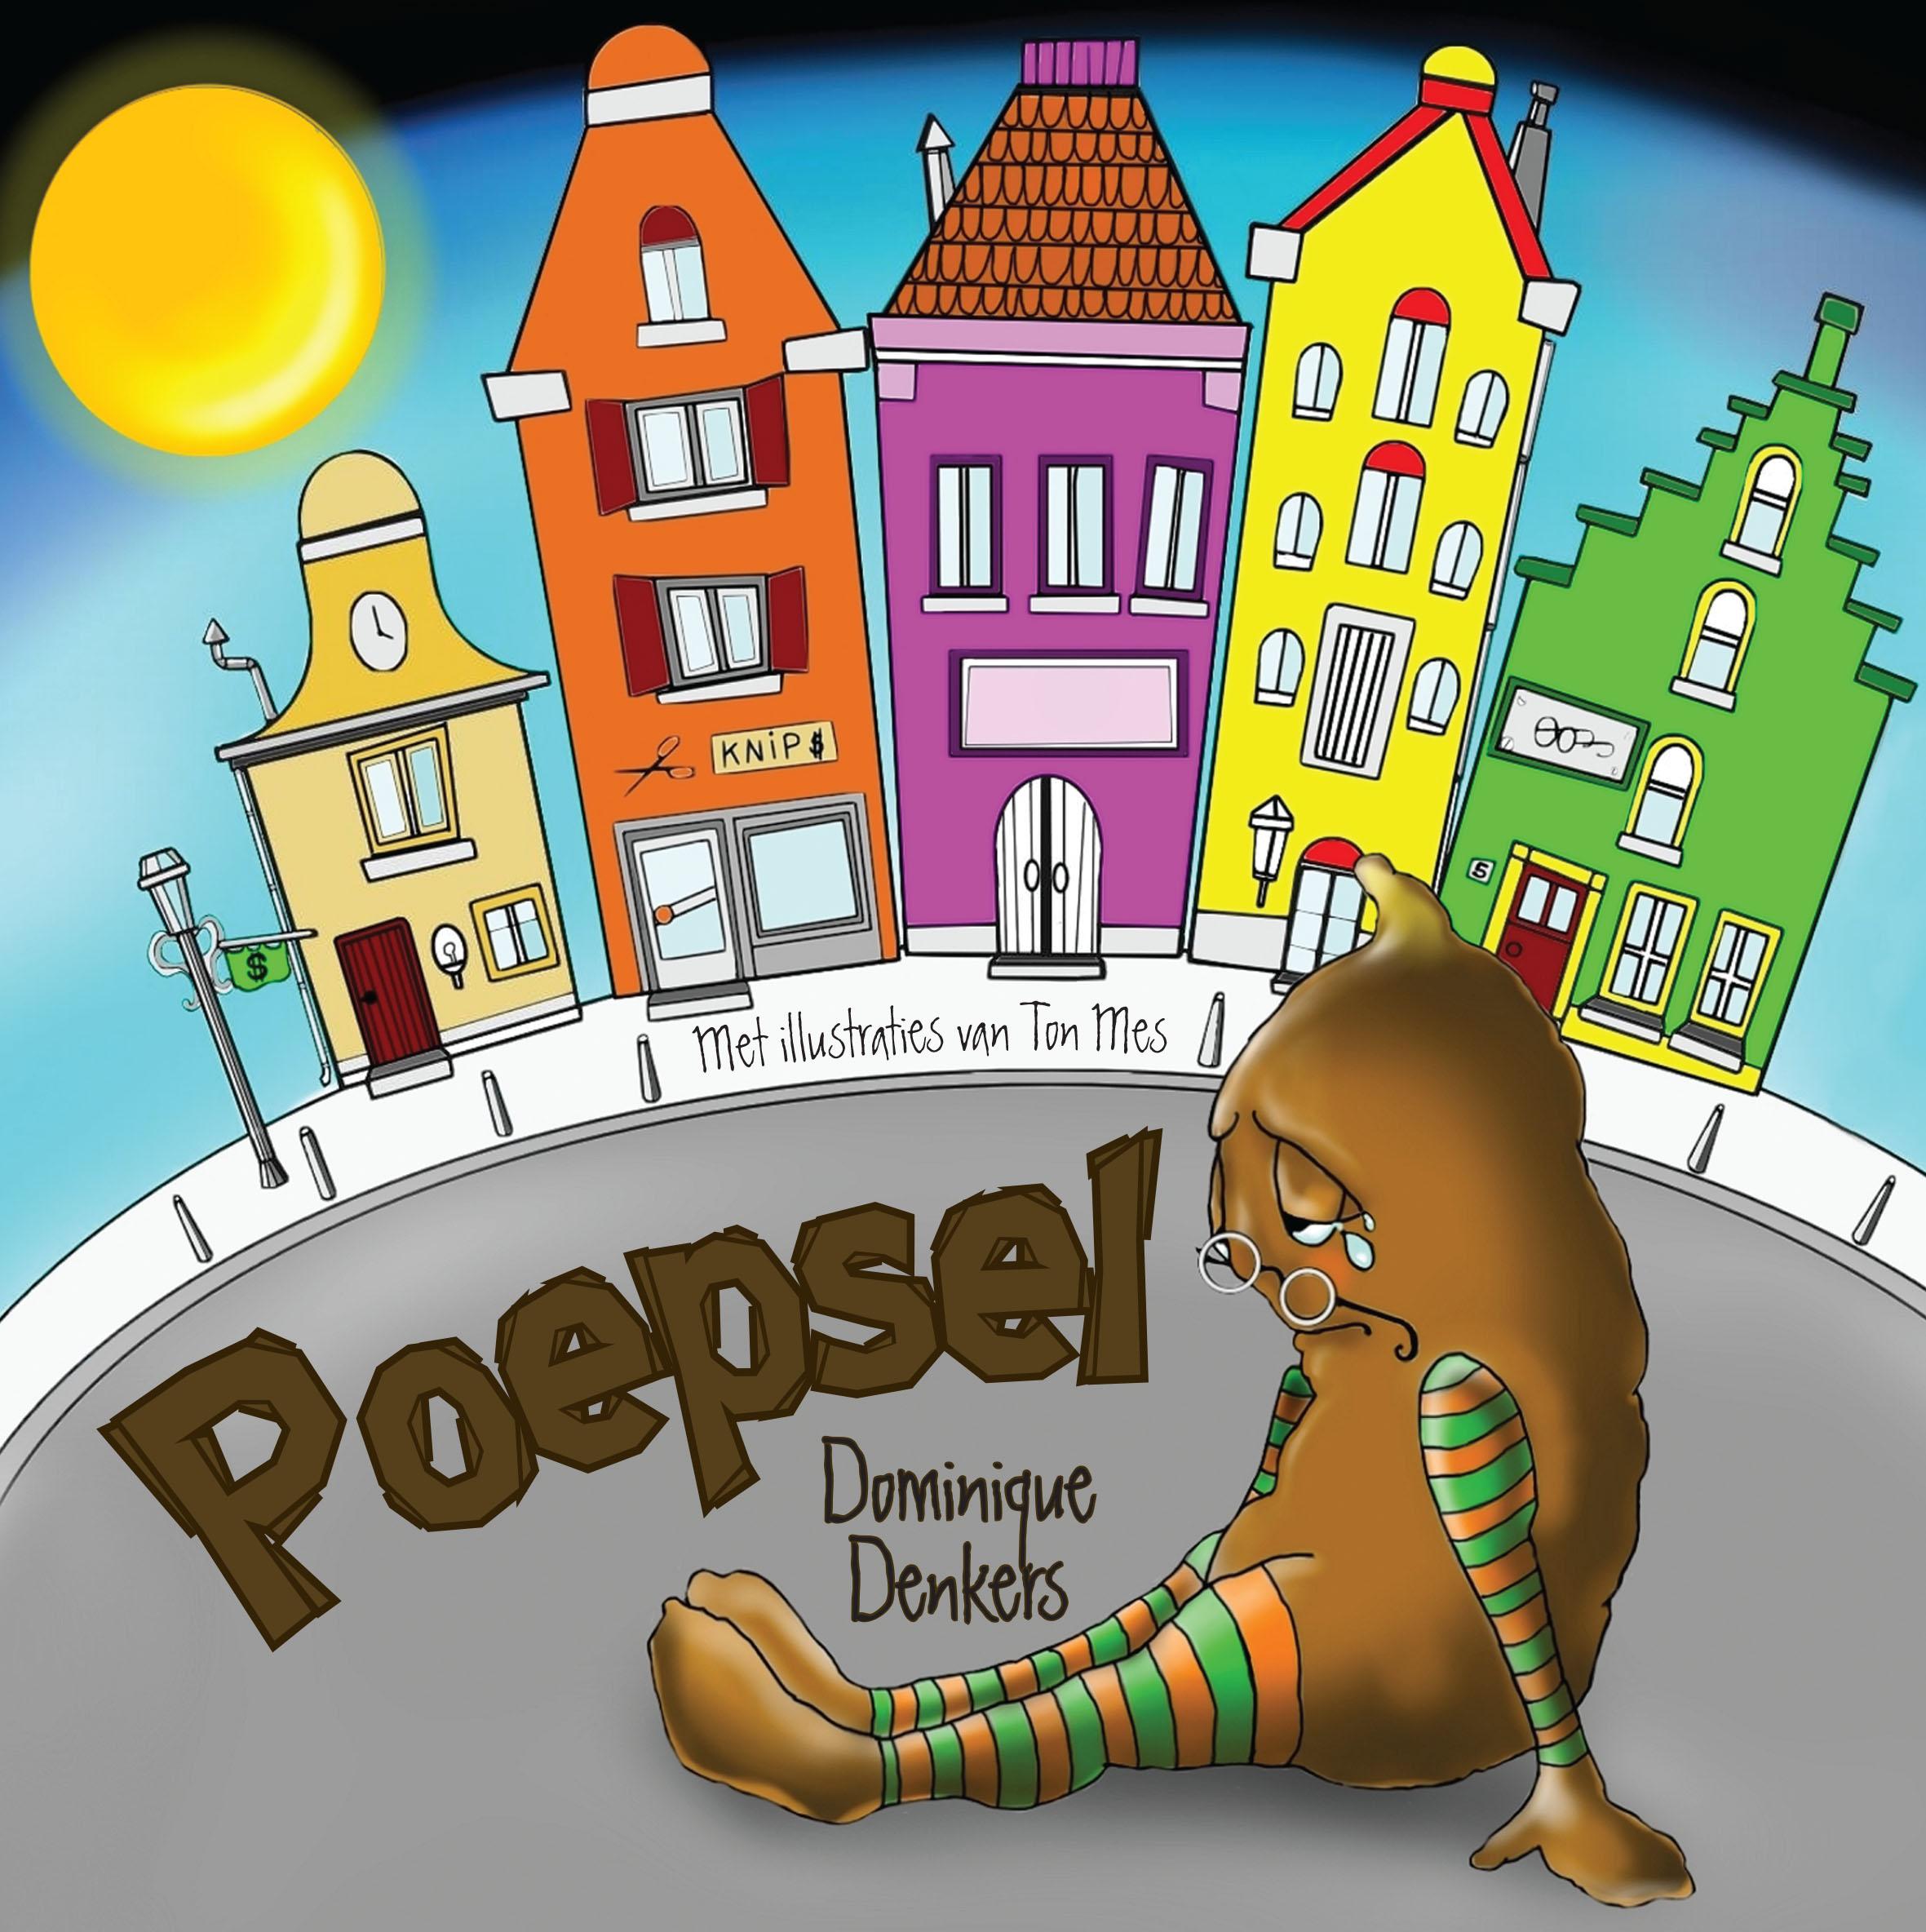 Poepsel cover